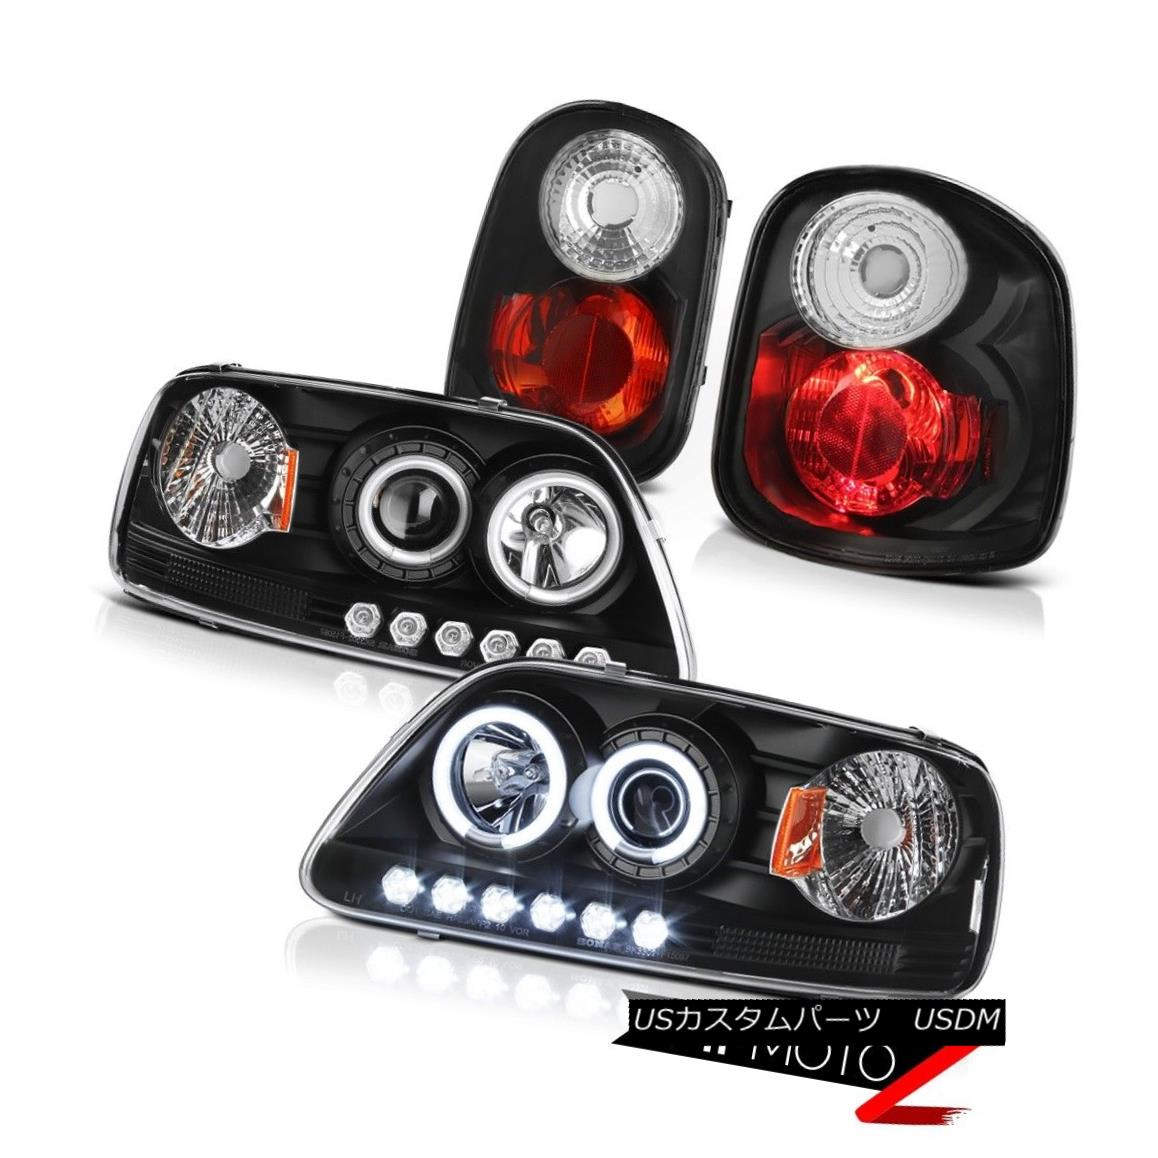 ヘッドライト Angel Eye CCFL Headlamps Black Tail Lamps 1997-2000 F150 Flareside King Ranch エンジェルアイCCFLヘッドランプブラックテールランプ1997-2000 F150 Flareside King Ranch